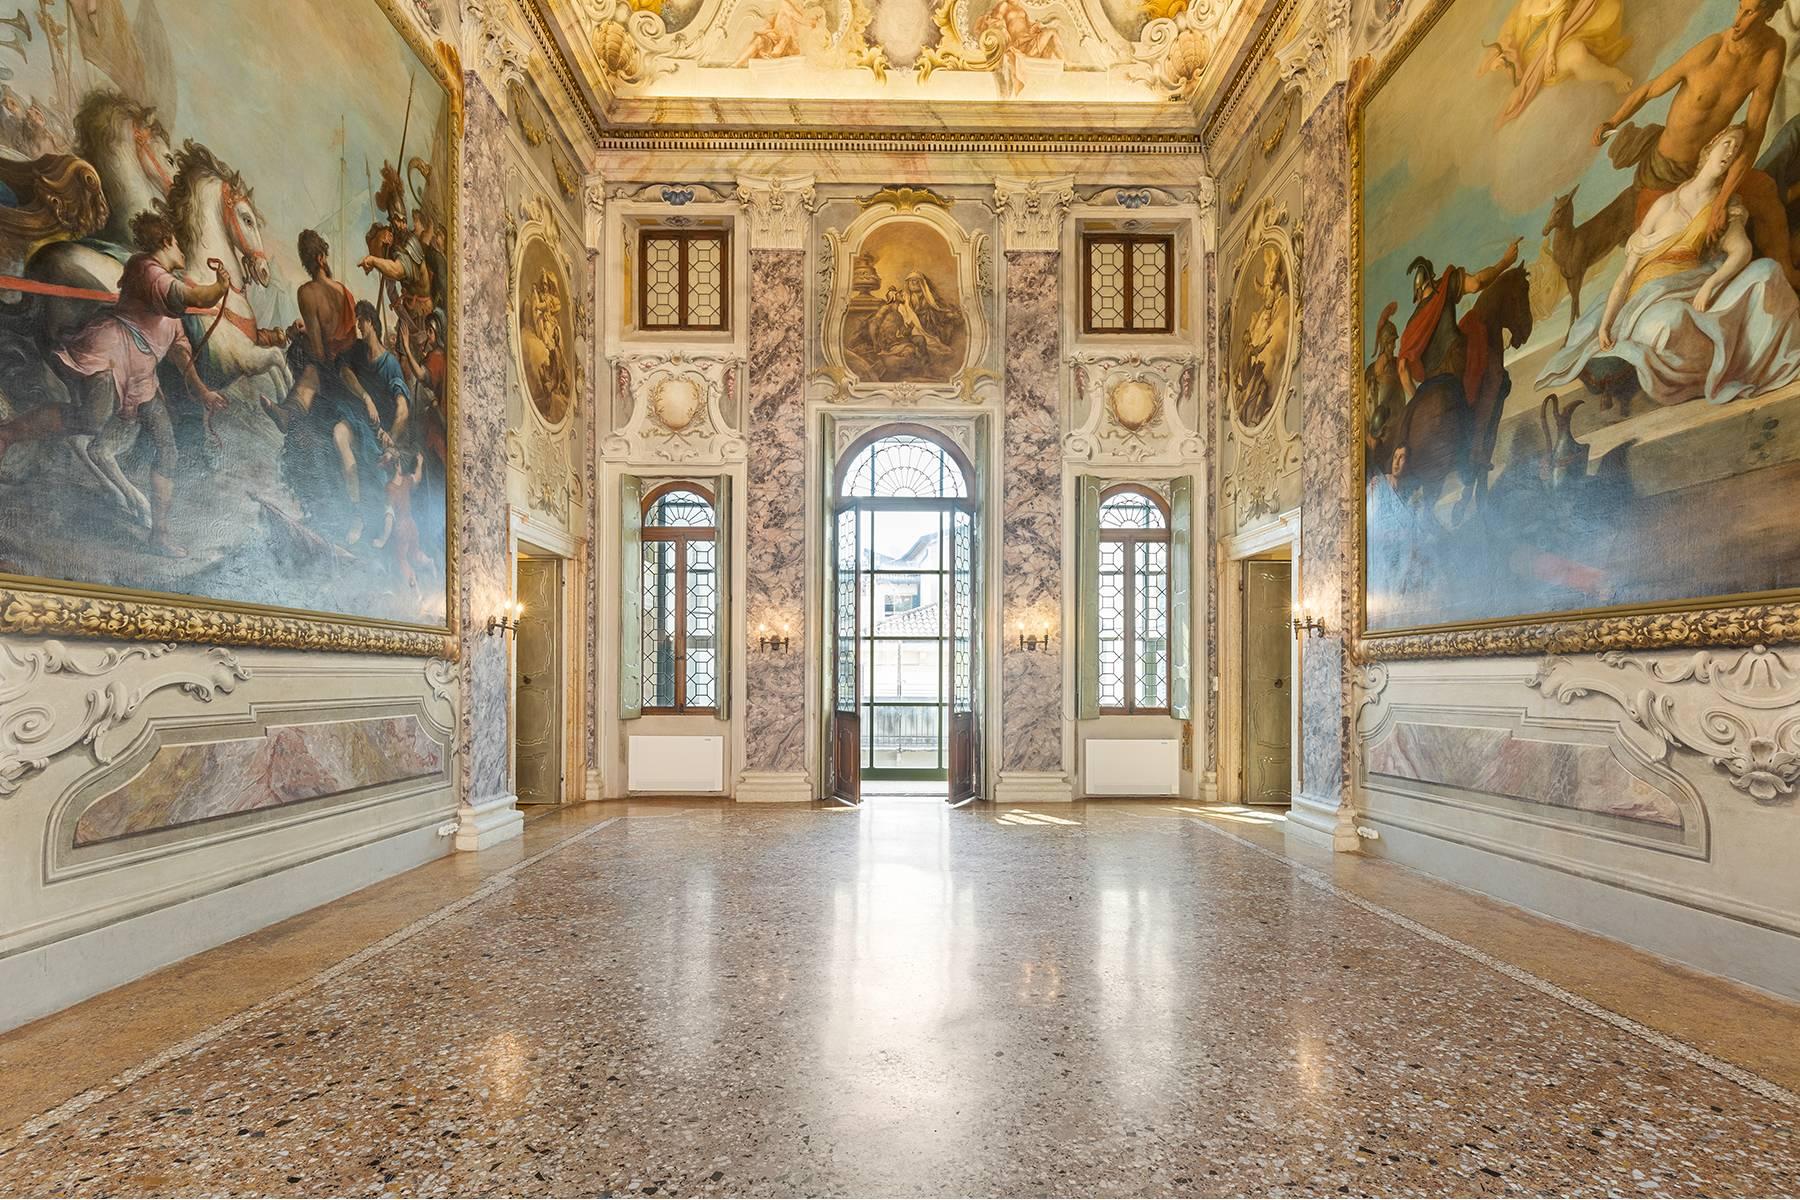 Ufficio-studio in Vendita a Verona: 5 locali, 615 mq - Foto 3